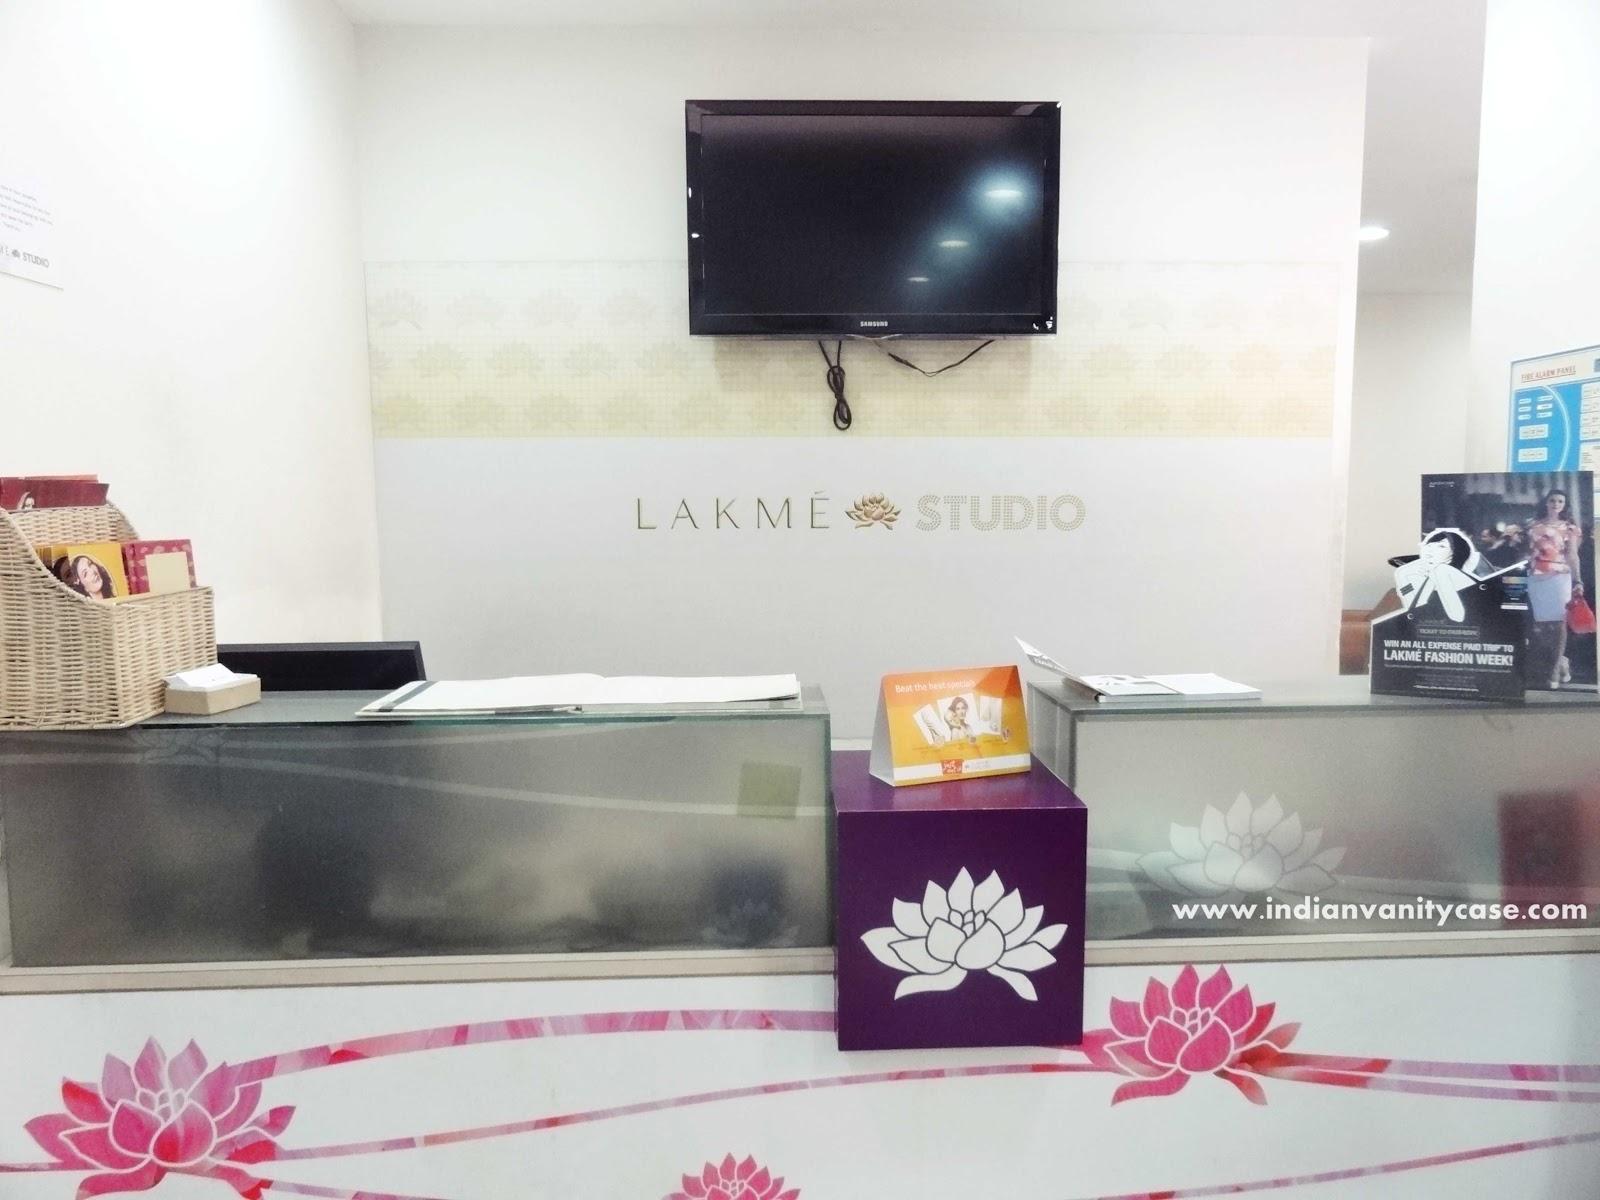 Lakme salon deals in pune